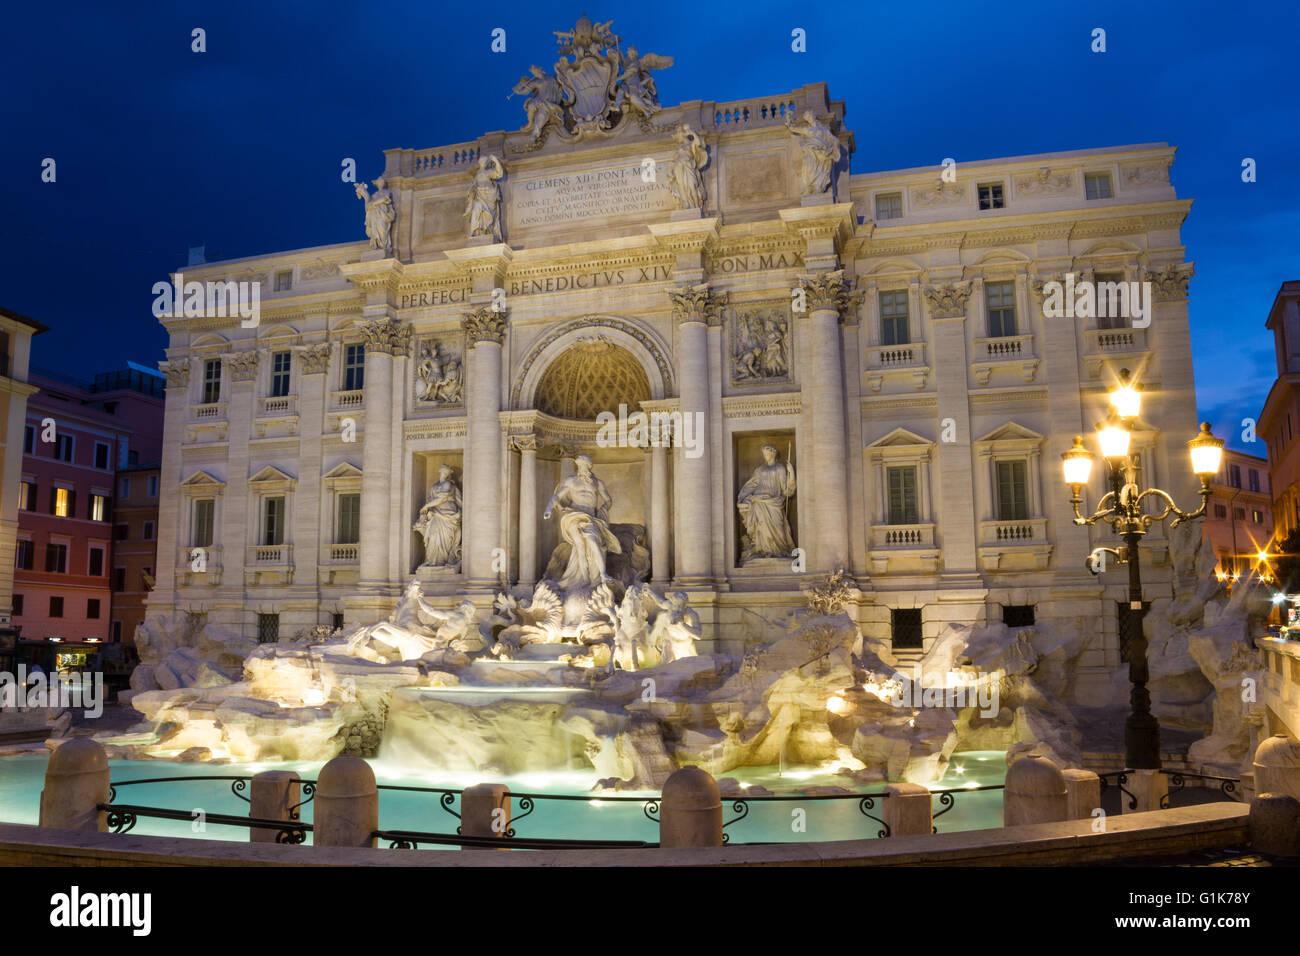 Fontana di Trevi al crepuscolo, Roma, Italia Immagini Stock